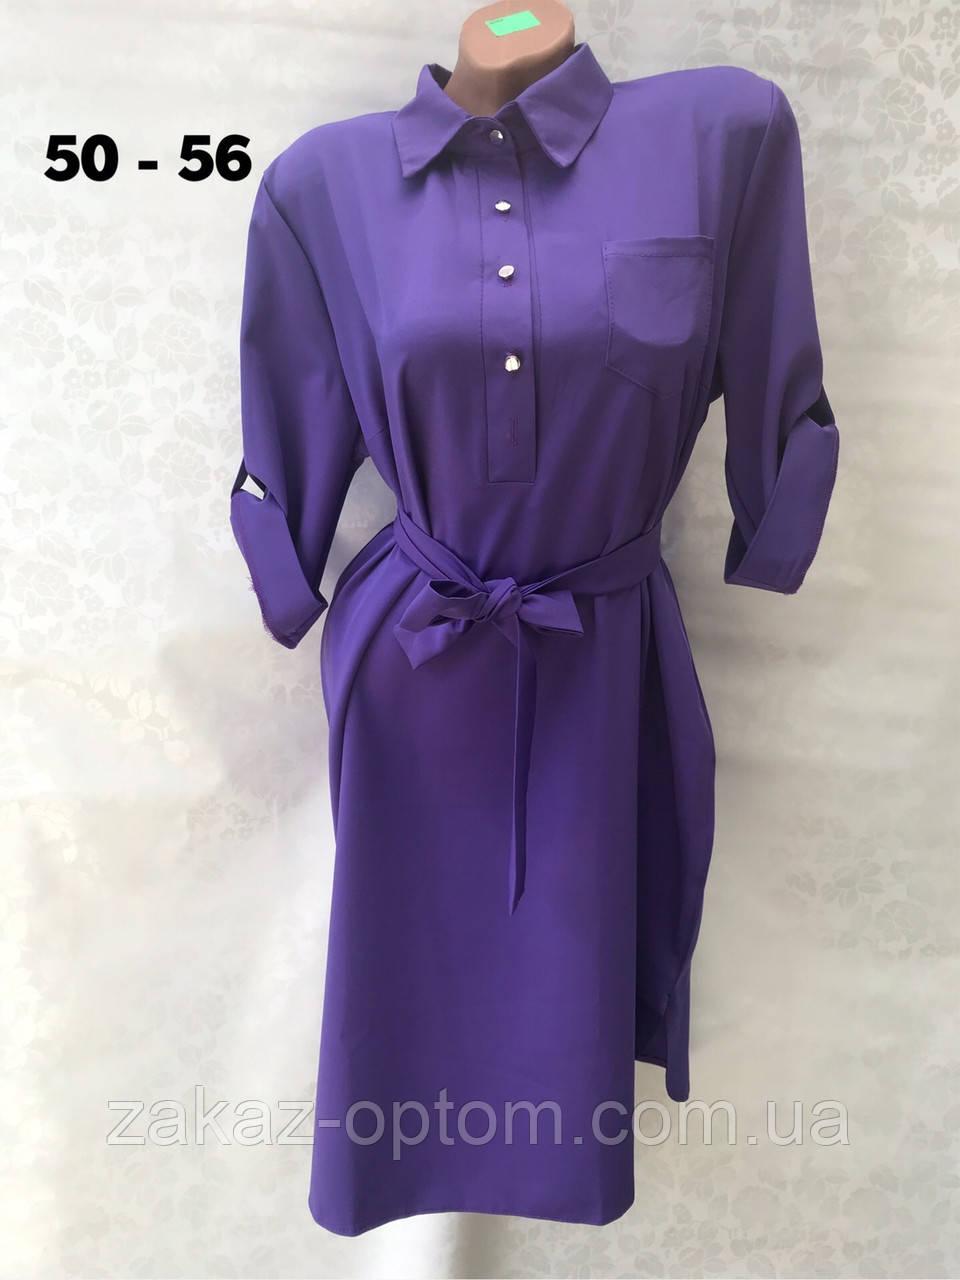 Платье женское оптом(50-56)Украина-64389